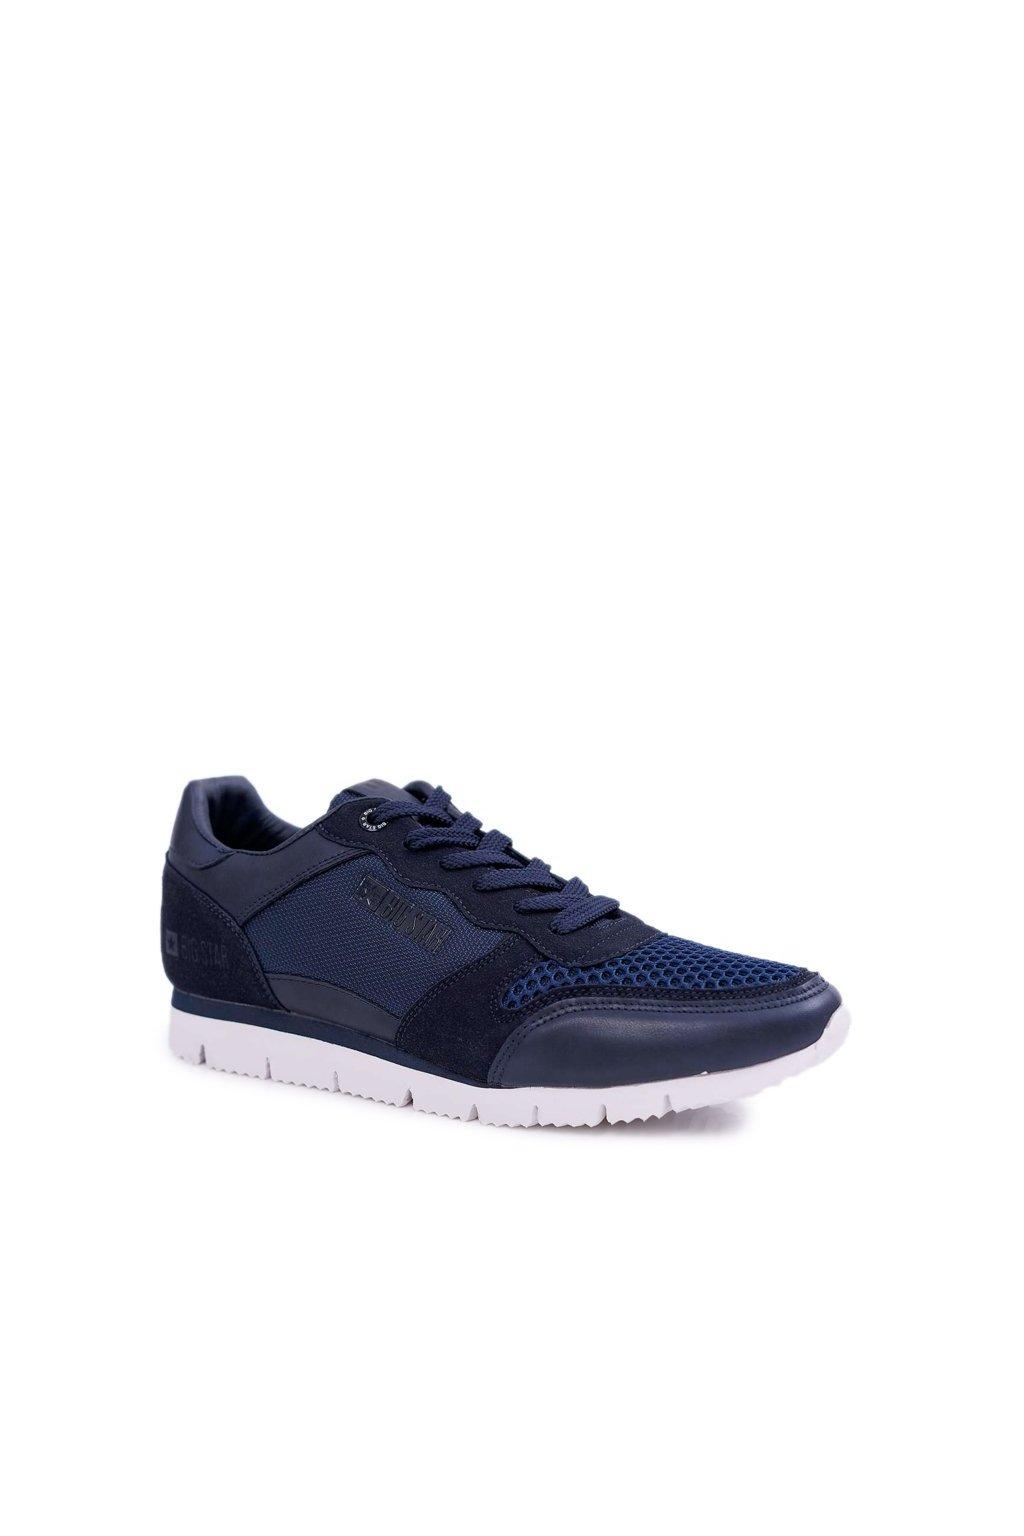 Modrá obuv kód topánok DD174108 NAVY